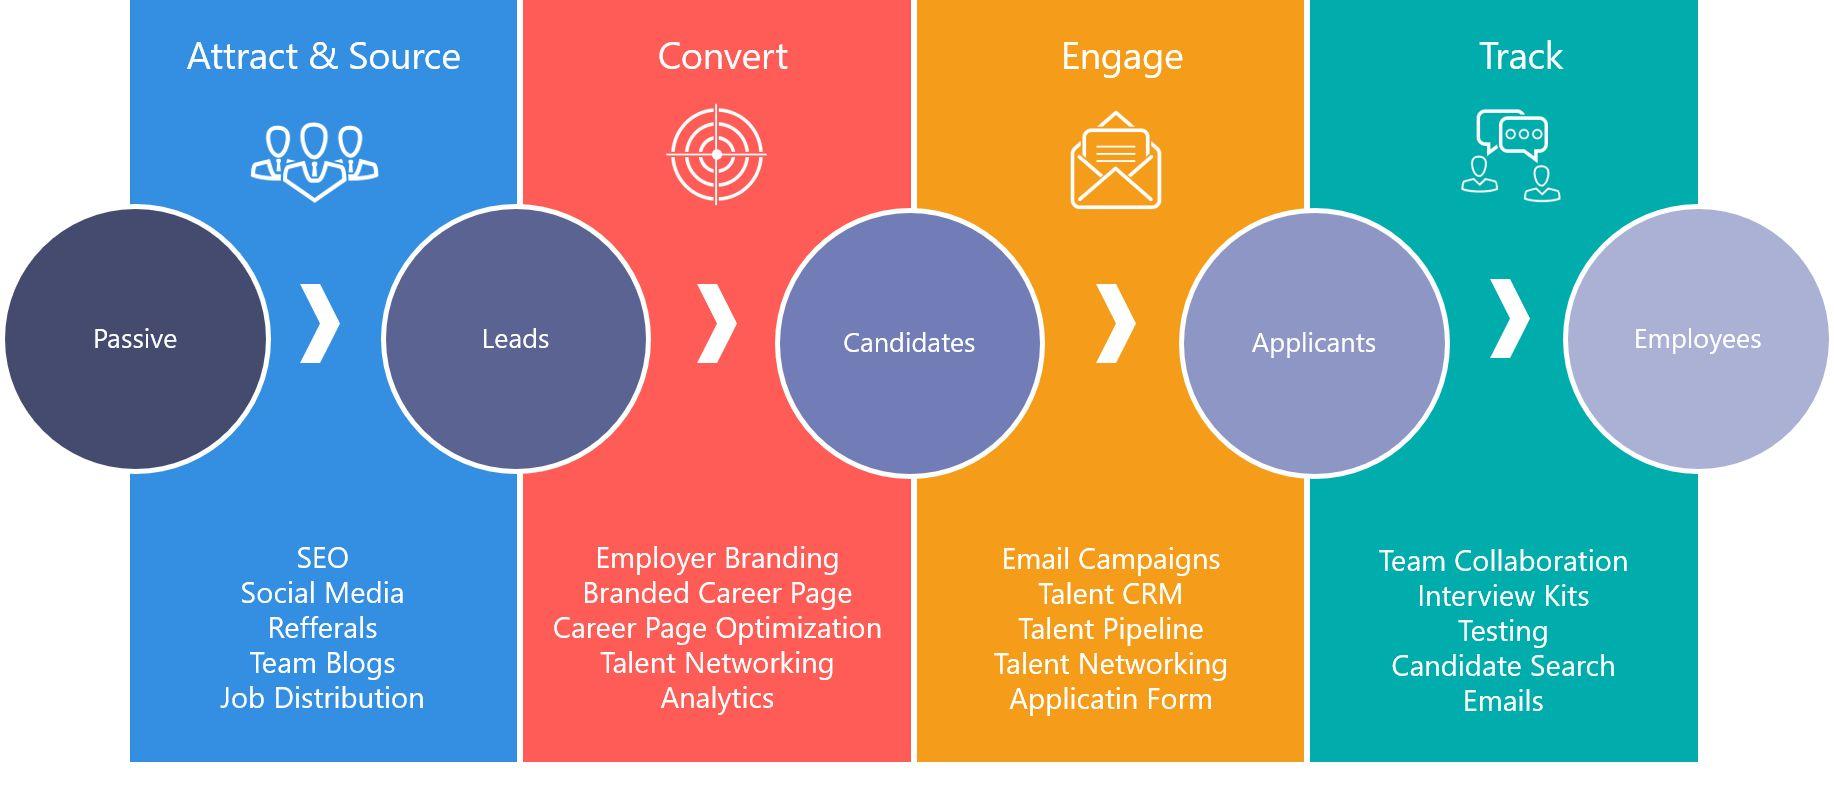 9 ý tưởng nội dung sáng tạo dành cho website tuyển dụng giúp bạn hấp dẫn ứng viên